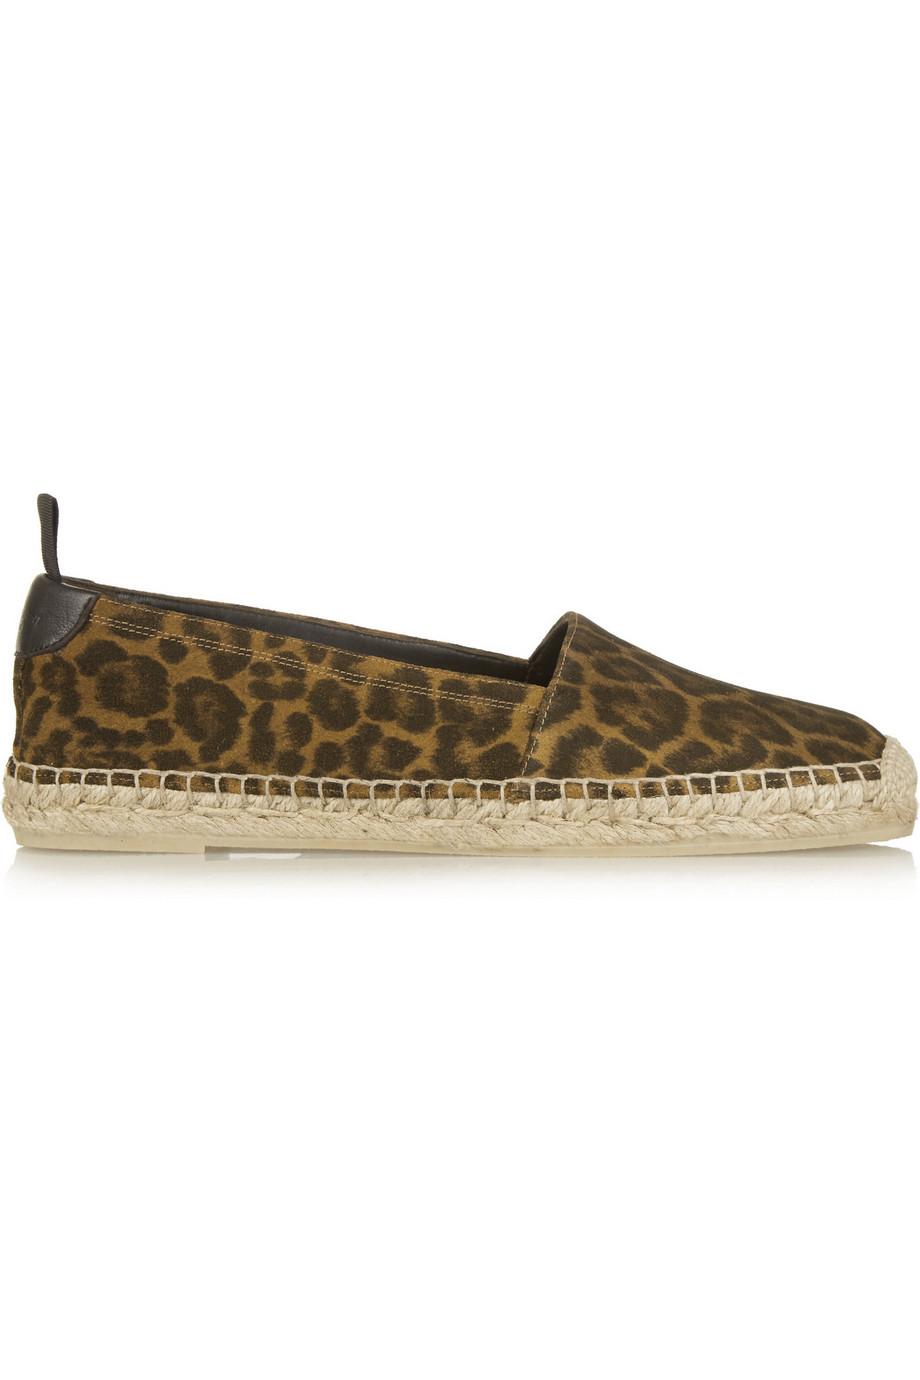 Saint Laurent Leopard-Print Brushed-Suede Espadrilles, Leopard Print/Brown, Women's US Size: 4.5, Size: 35